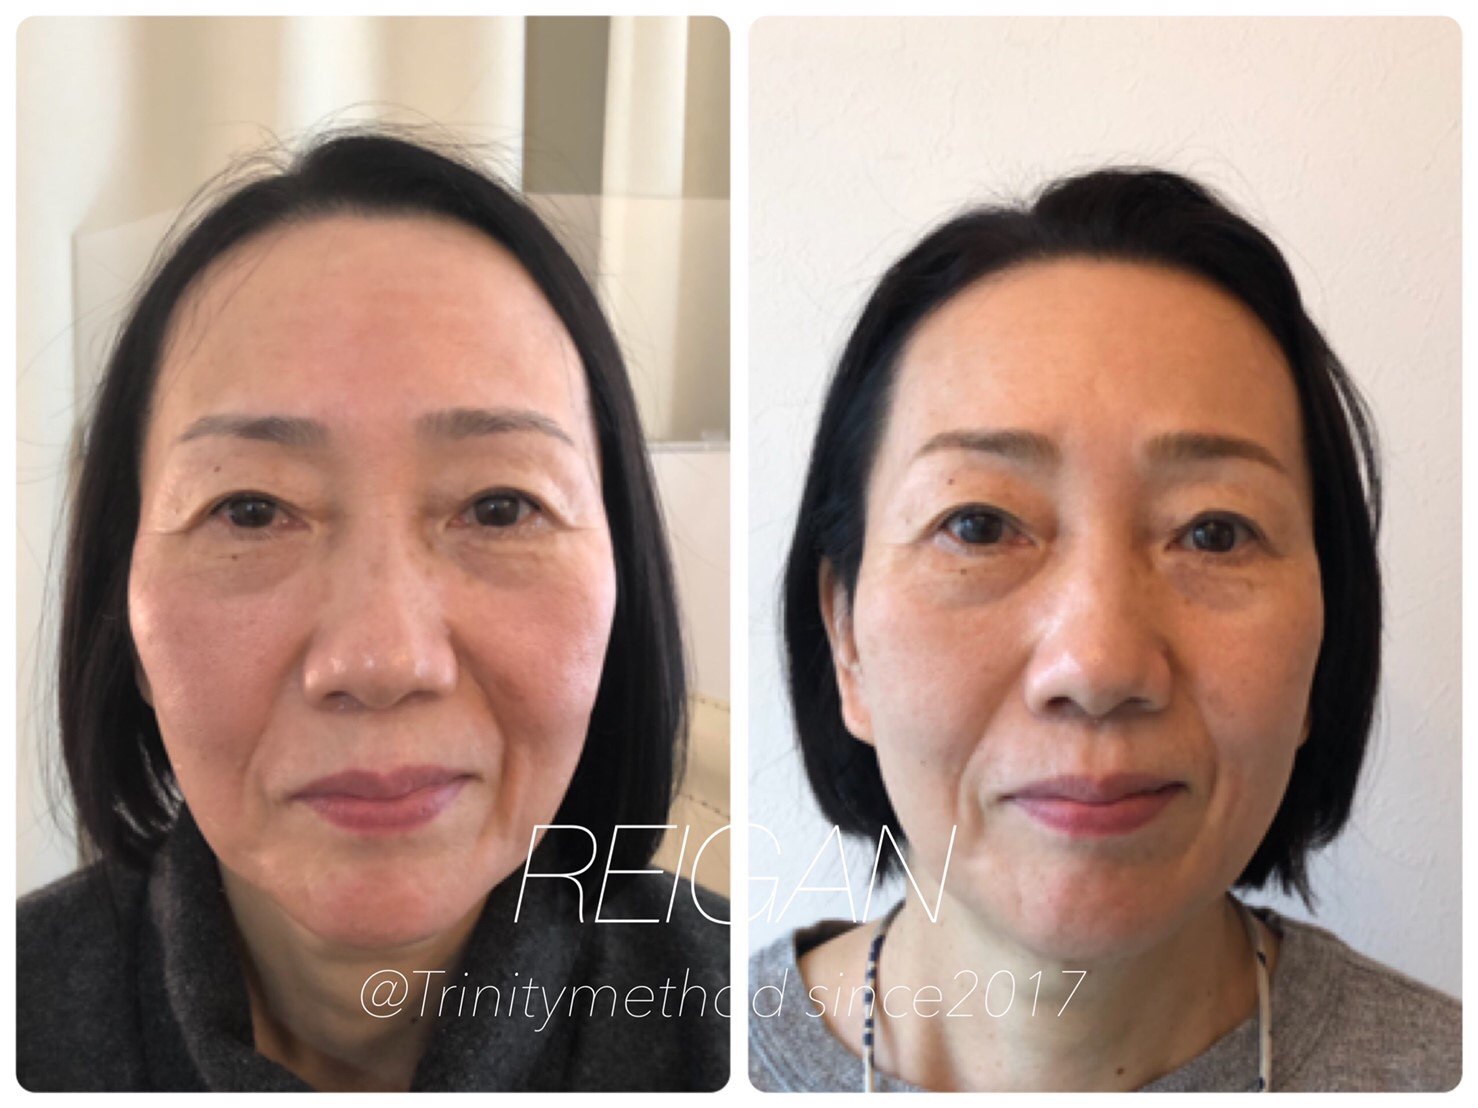 大阪の小顔矯正を習うなら日本戻顔美容協会